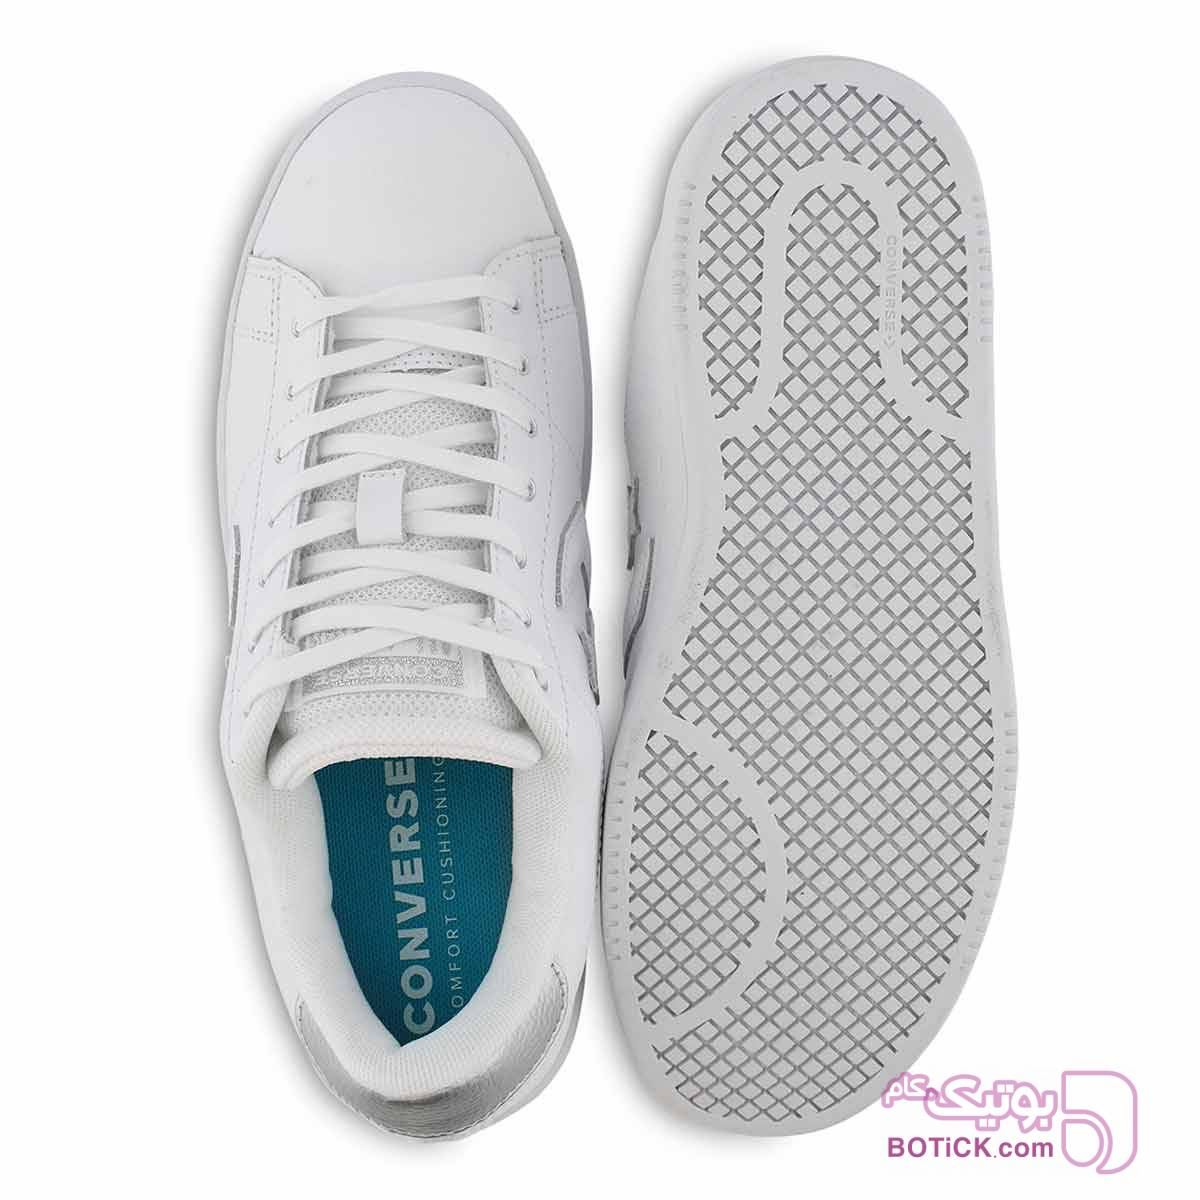 کفش و کتونی اسپرت مردانه آل استار مدل All star 563517c سفید كتانی مردانه